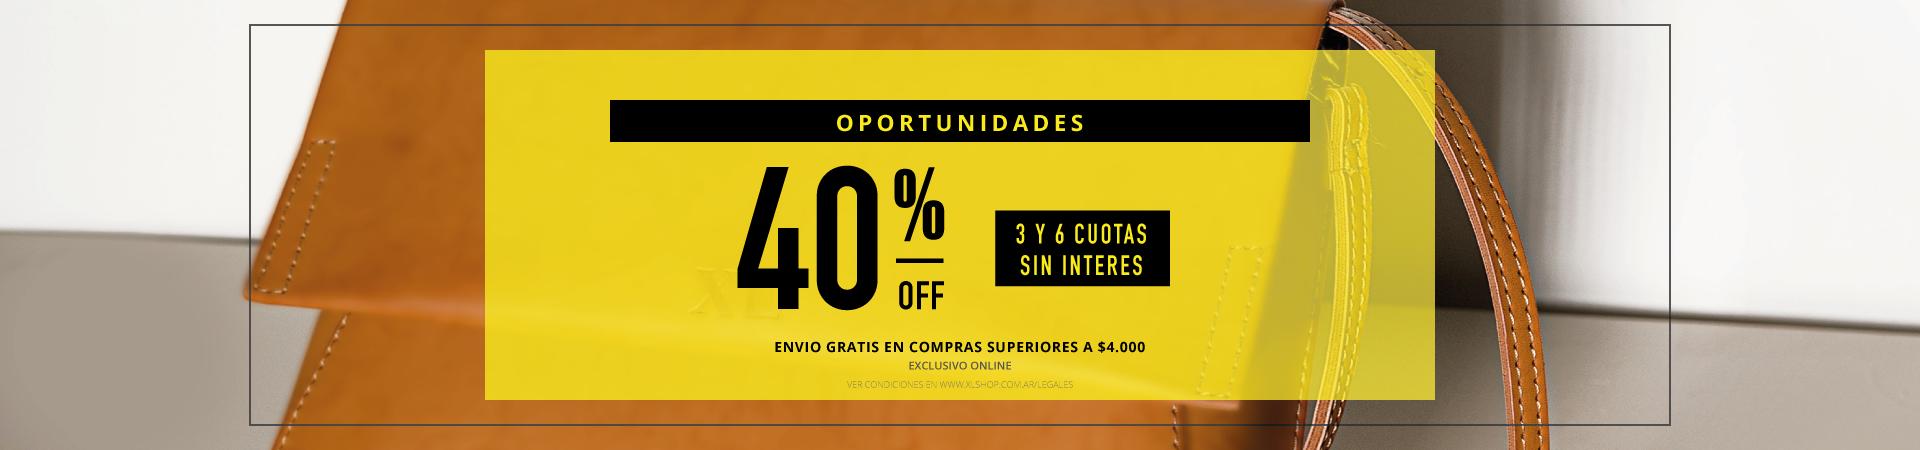 40% oportunidades